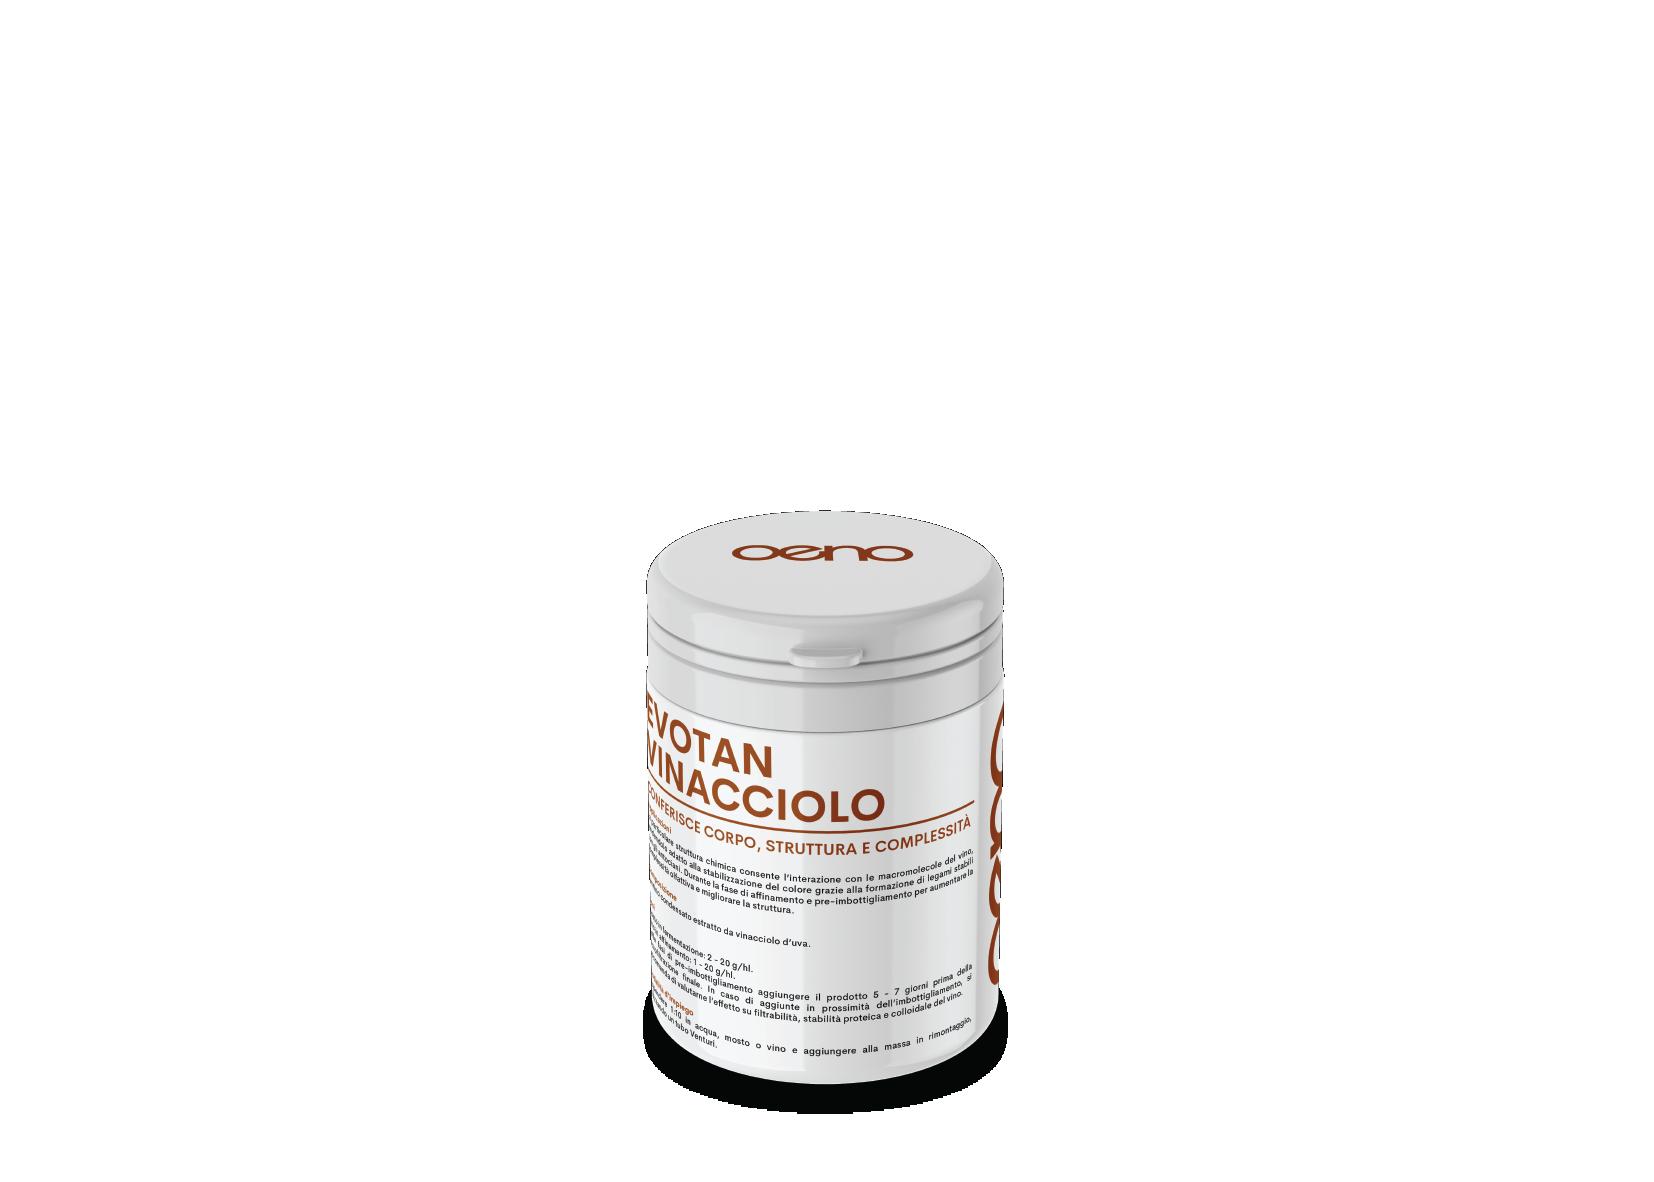 Tannino di vinaccolo ad elevato potere antiossidante, conferisce corpo e struttura, migliora e rende più netto il profilo sensoriale.